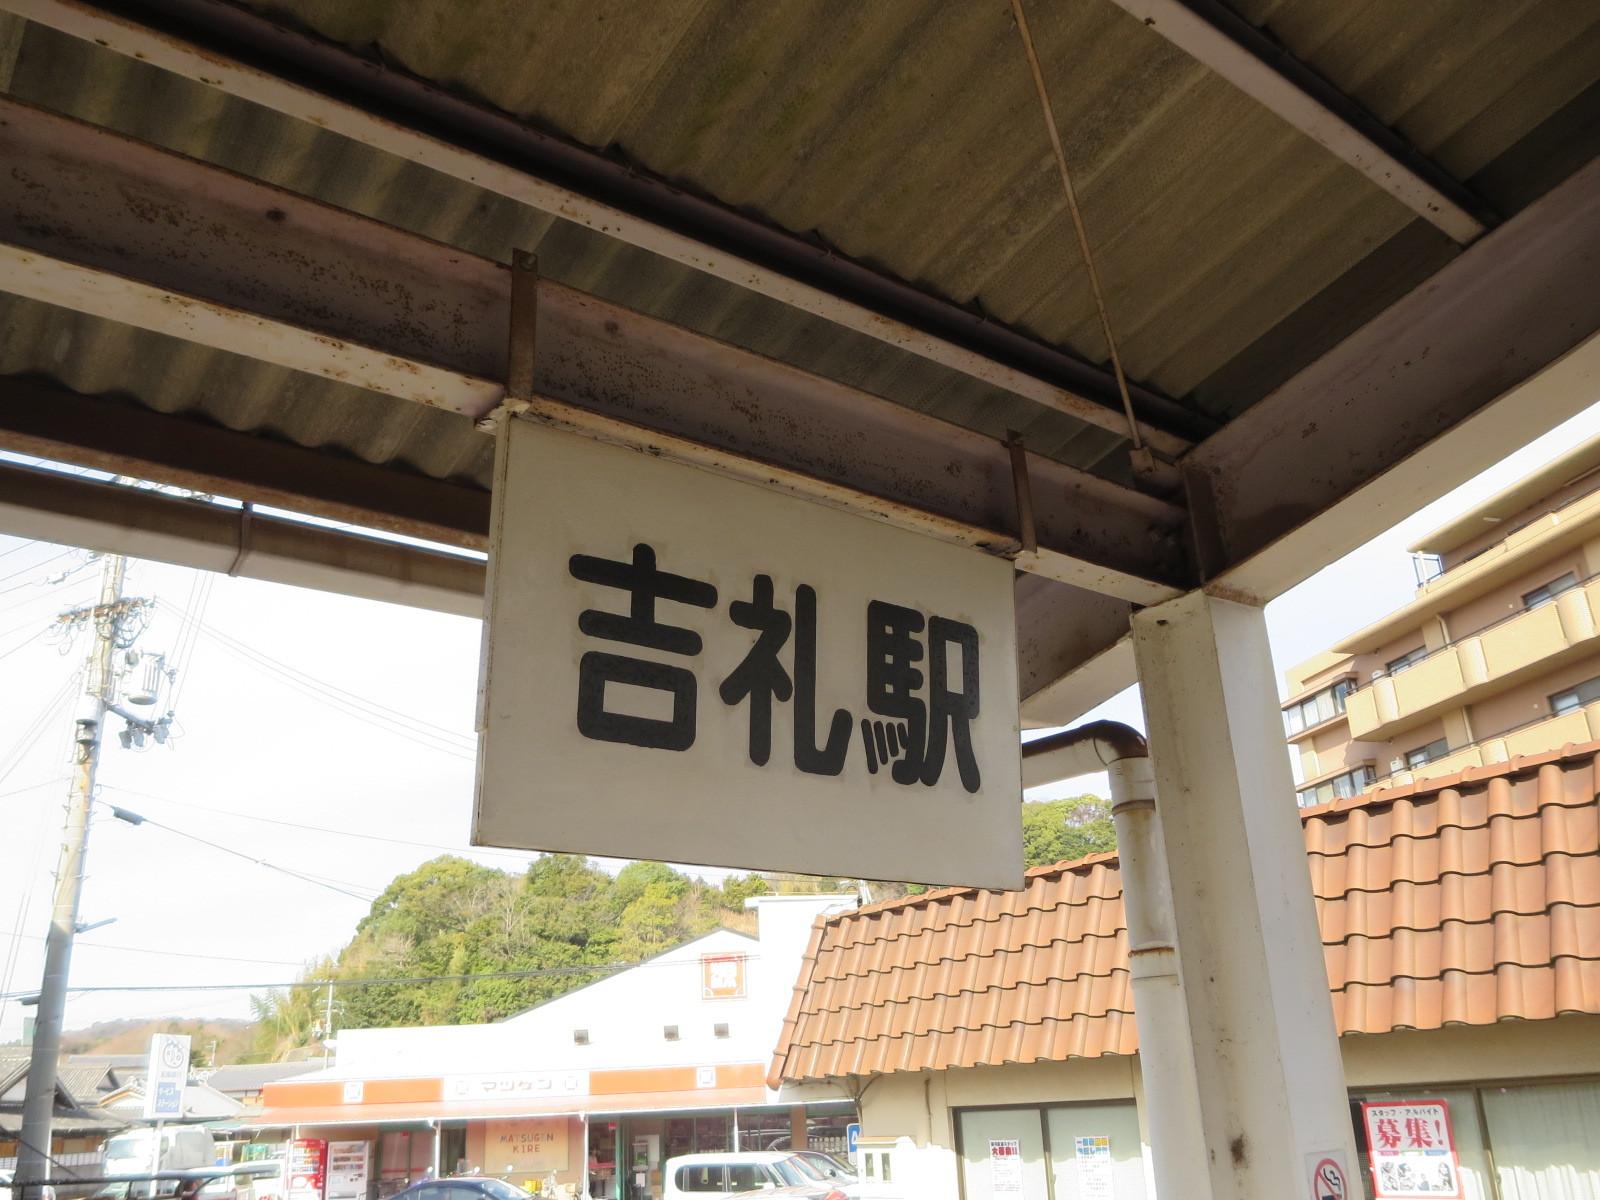 和歌山電鐵の難読駅名を訪ねる旅②_c0001670_21385866.jpg